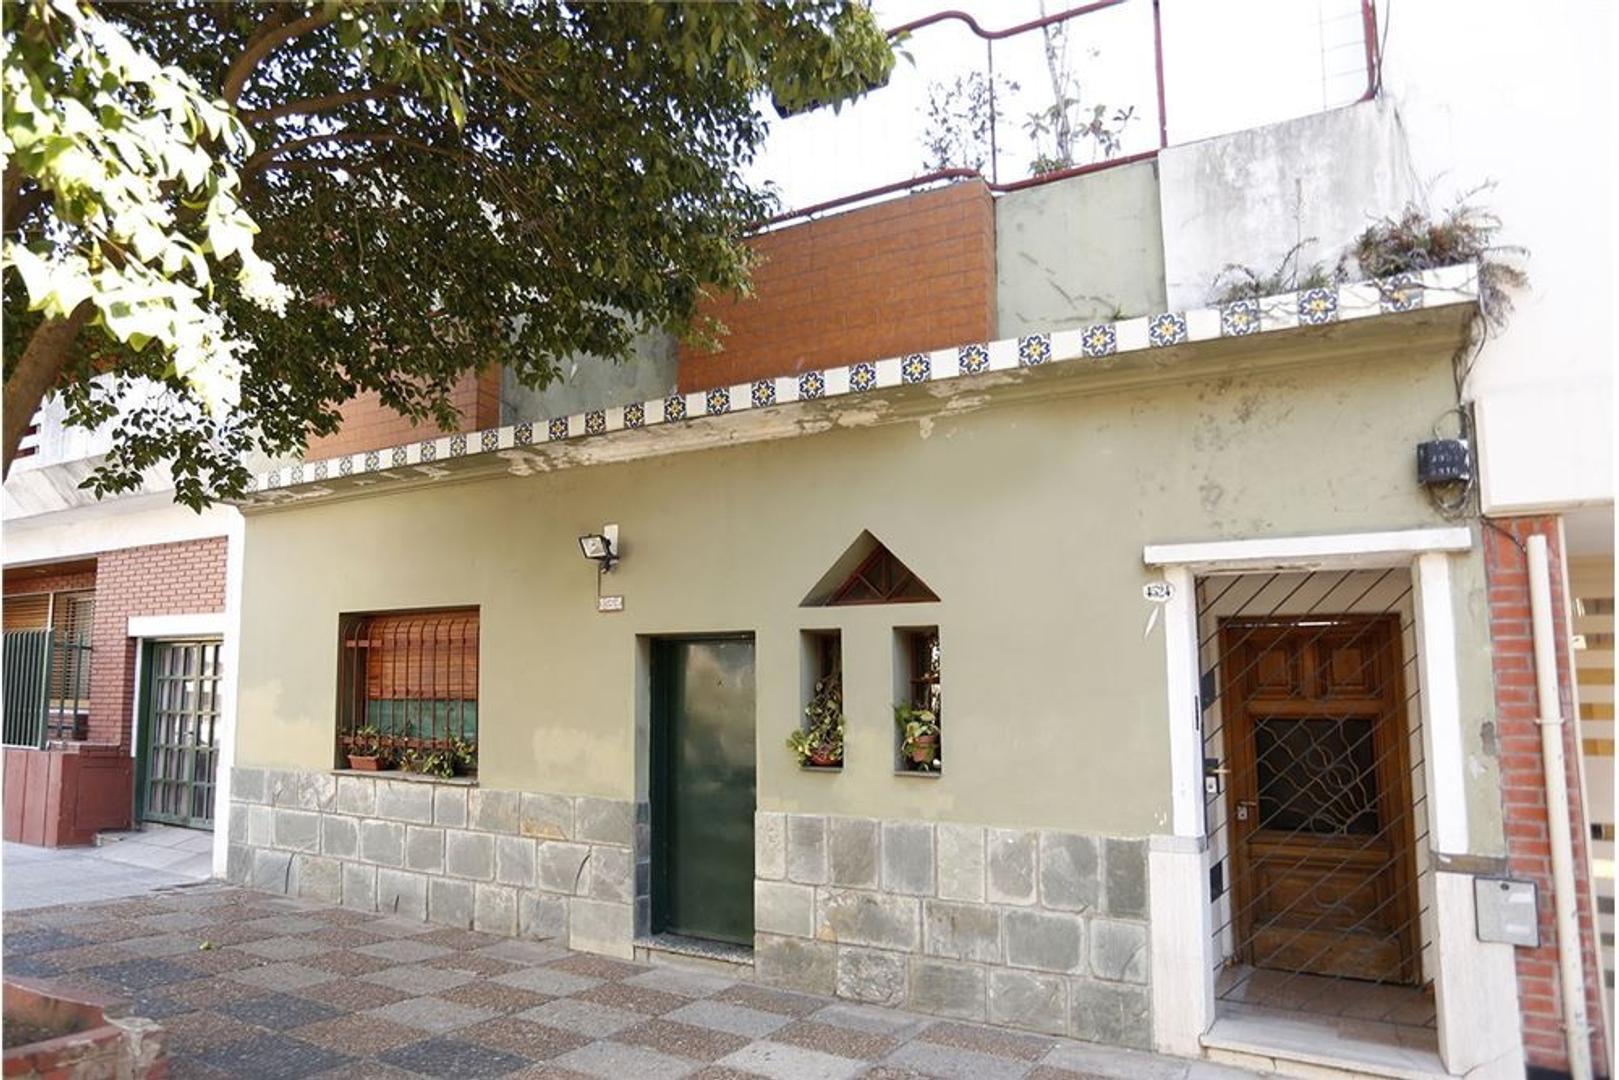 Ph en Venta en Villa Pueyrredon - 4 ambientes